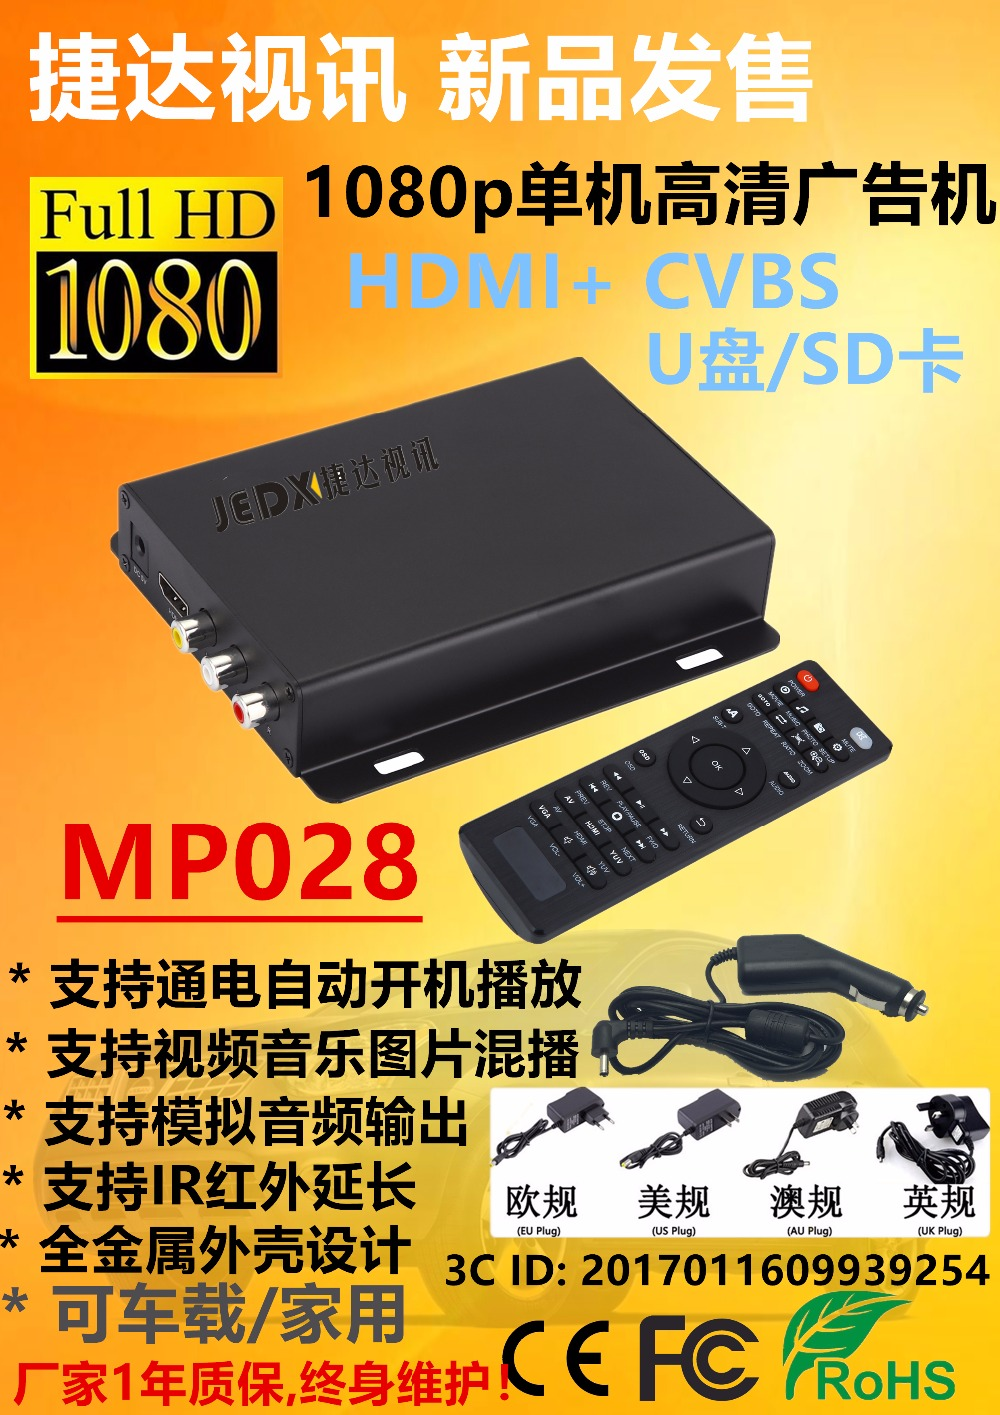 Lecteur multimédia Full HD 1080 P, lecteur de signalisation numérique, boîtier de lecteur publicitaire, HDMI, sortie AV, lecteur de carte SD/MMC/hôte USB livraison gratuite!